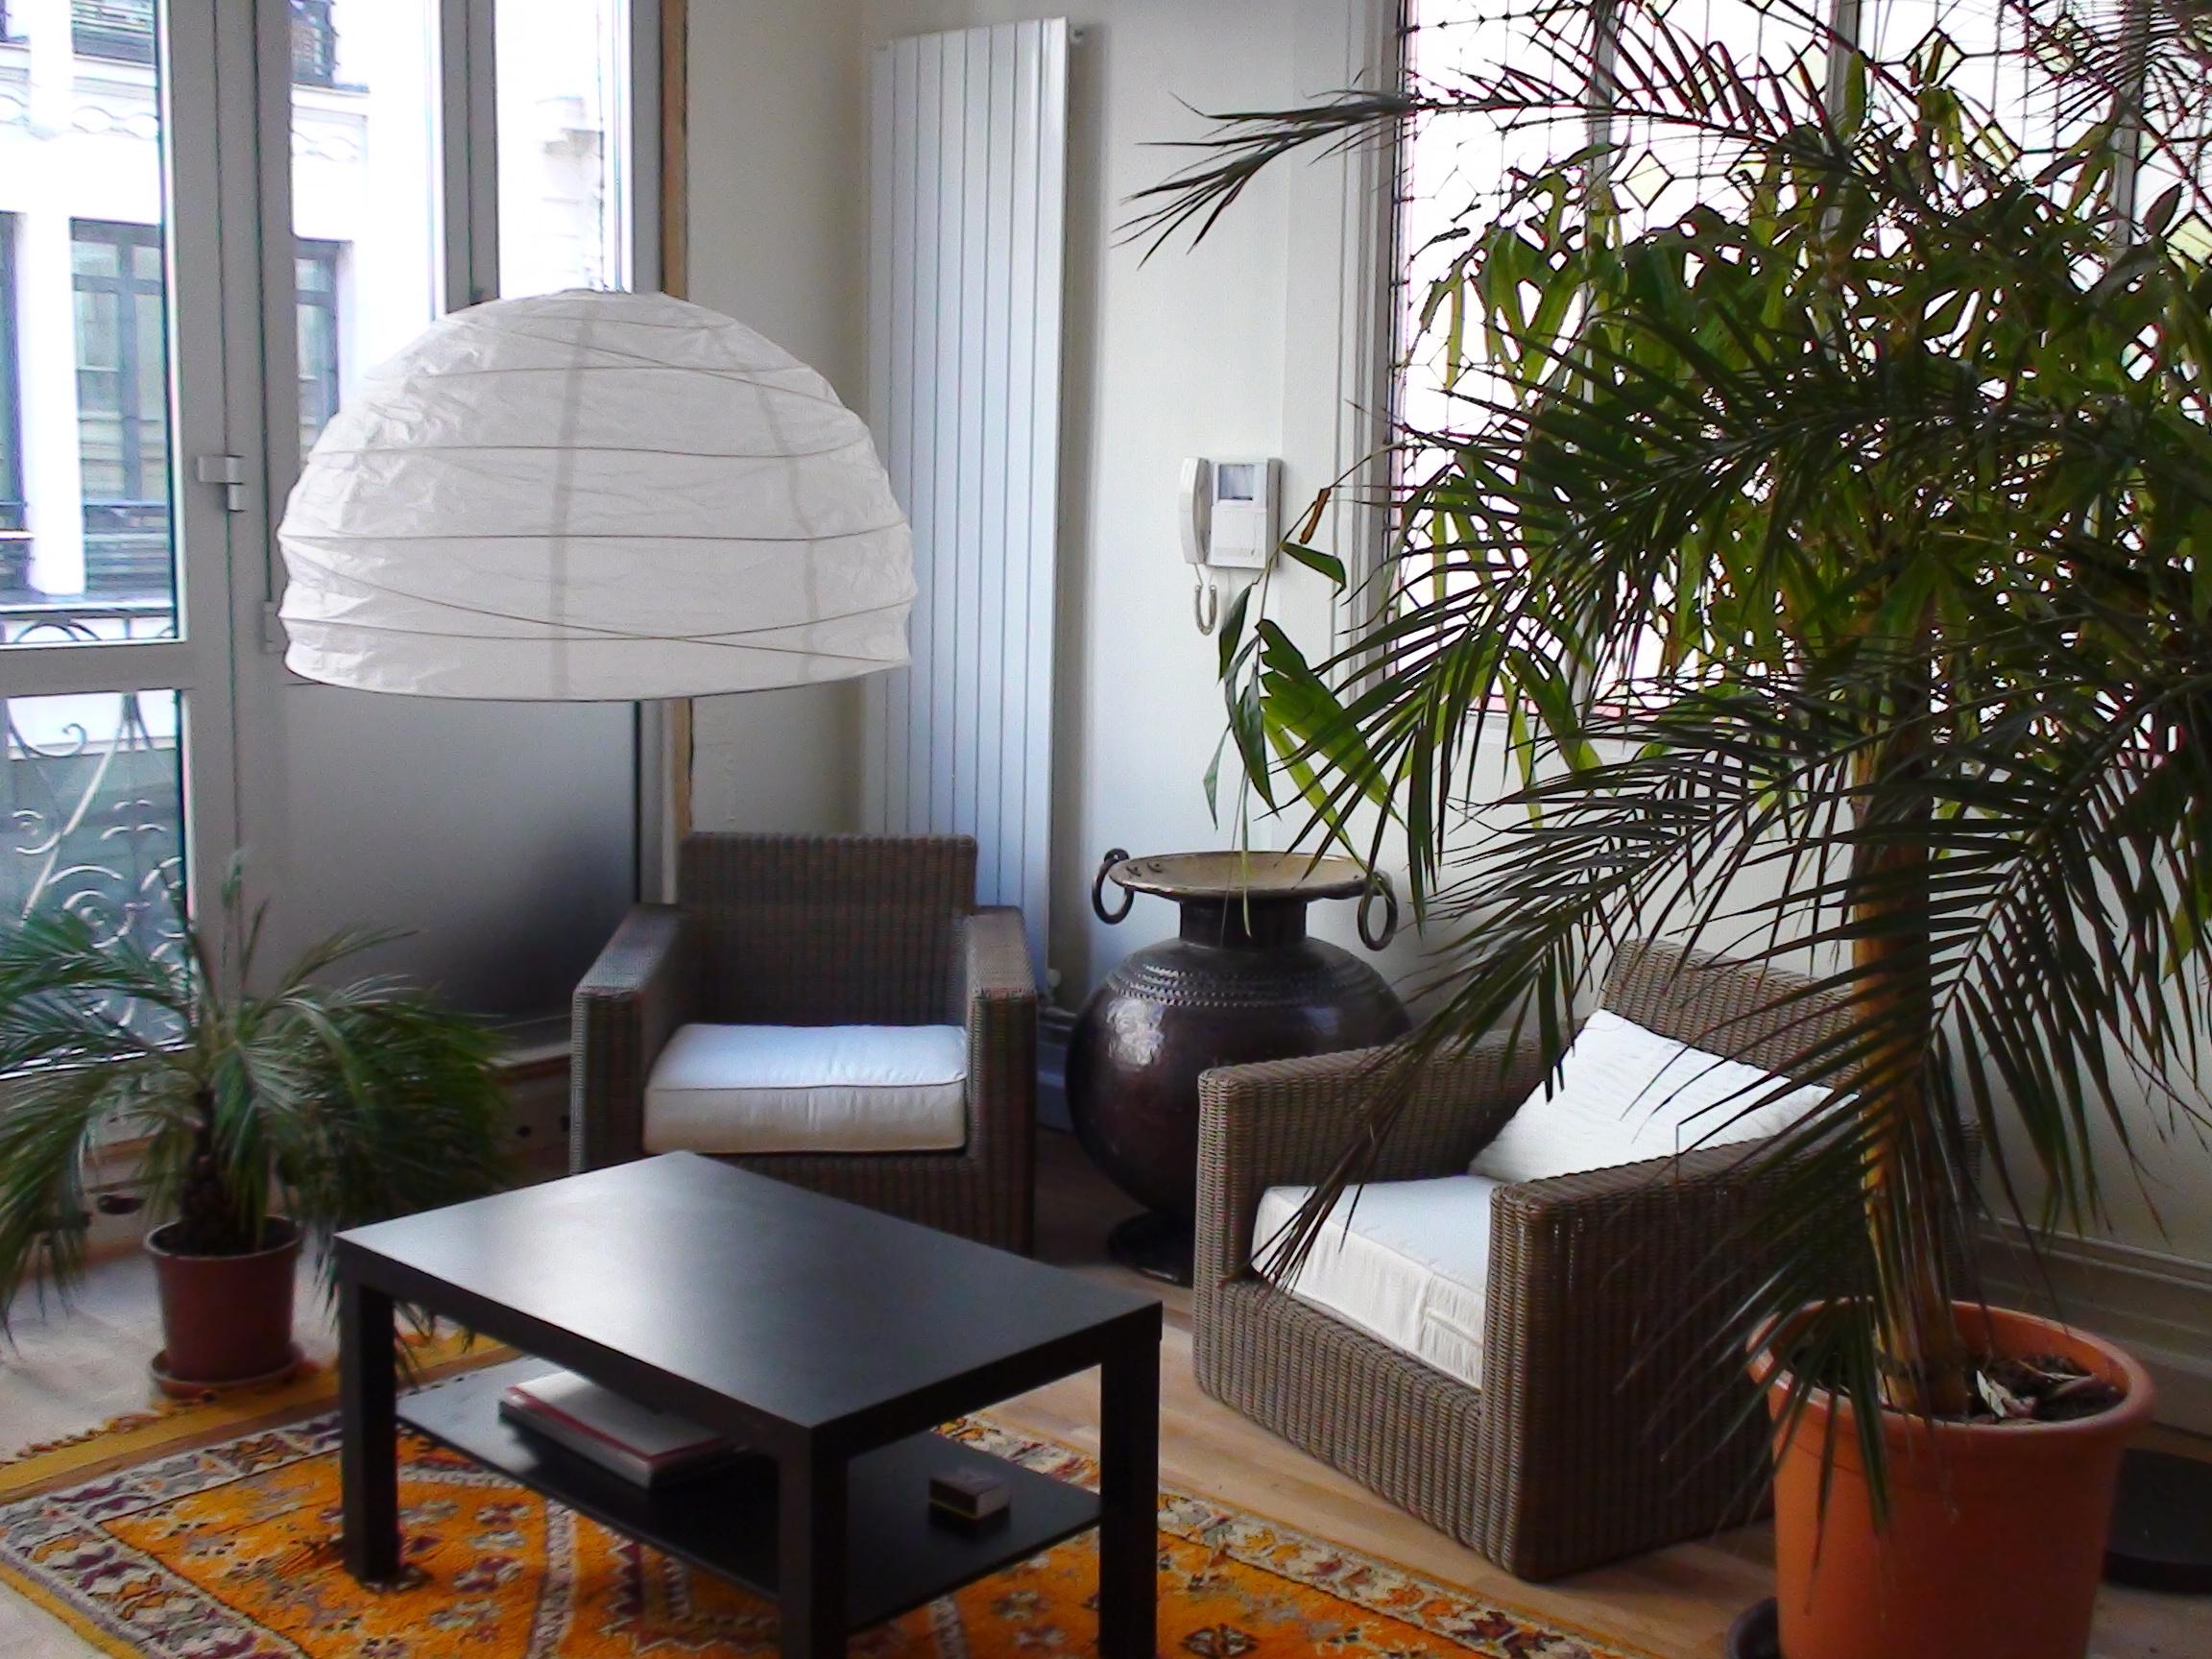 offre de location dans cabinet de groupe 75008 paris petites annonces th rapies. Black Bedroom Furniture Sets. Home Design Ideas